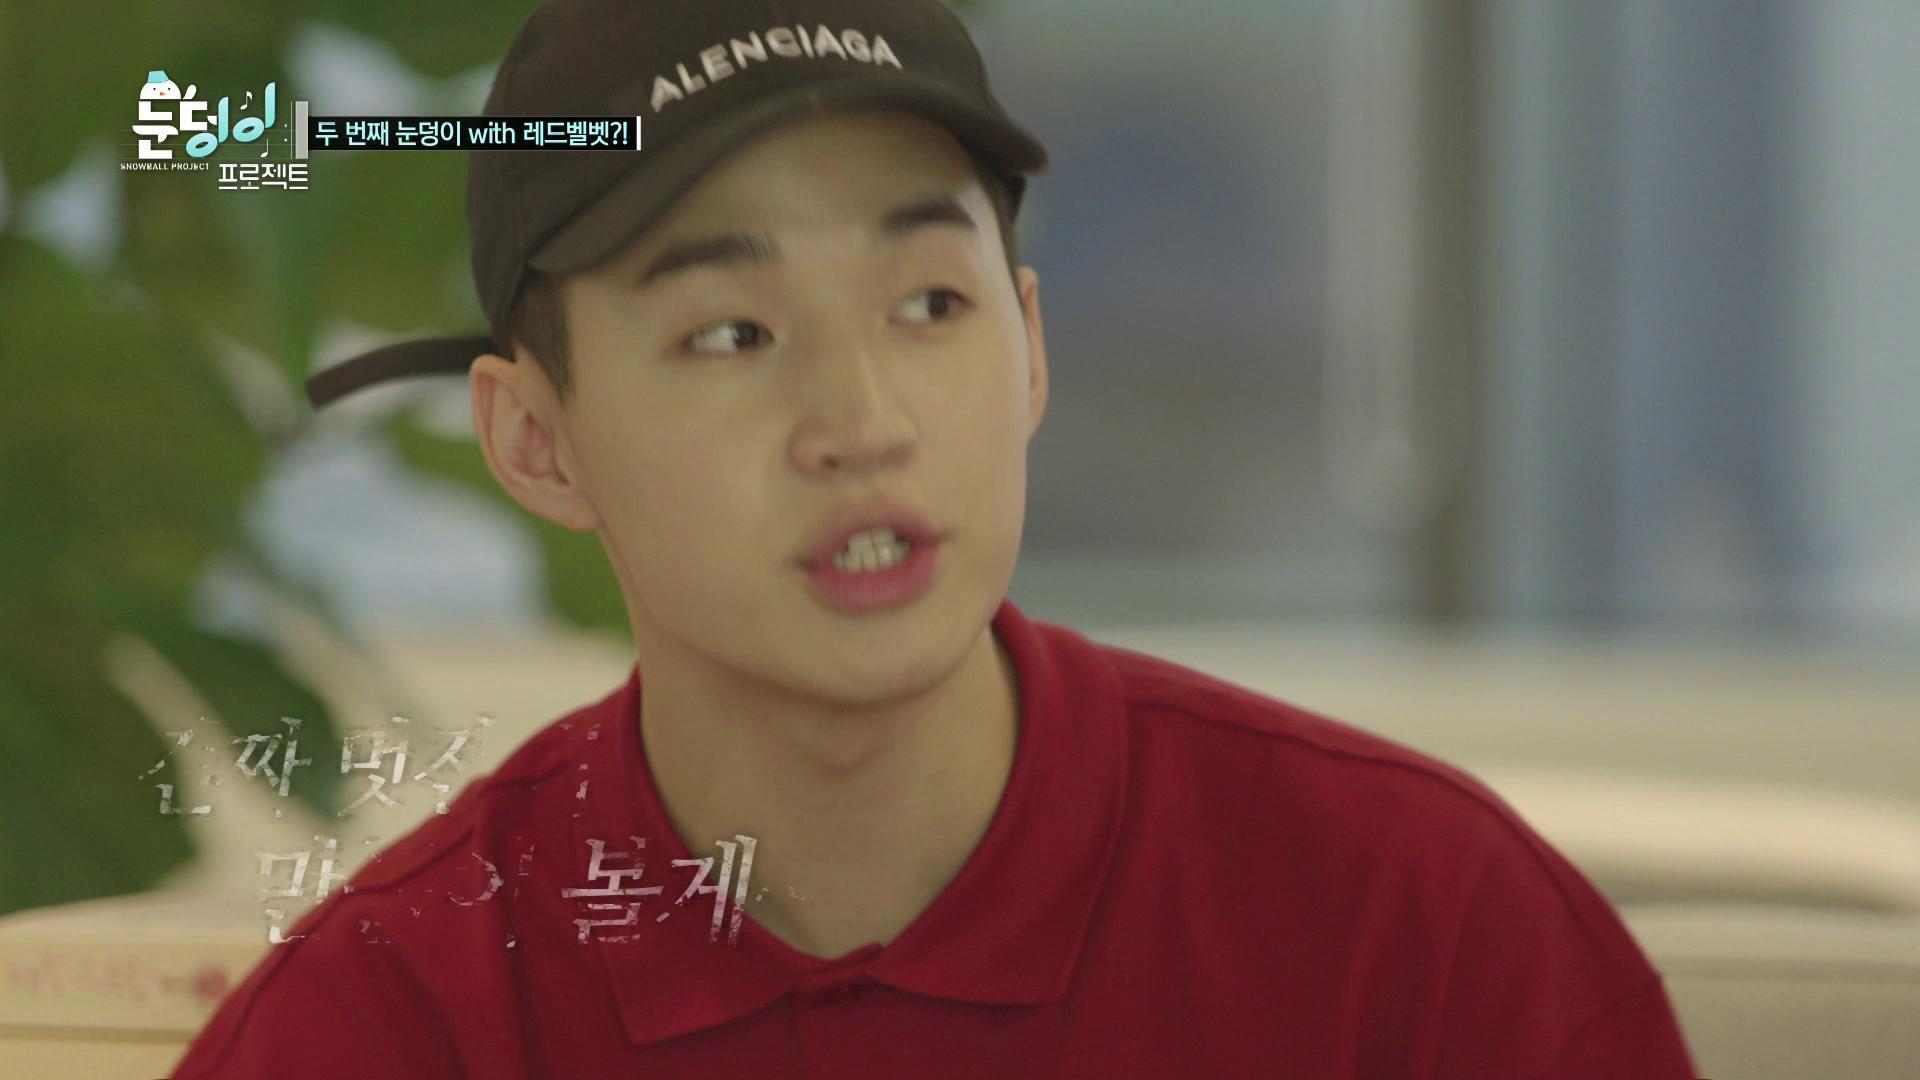 눈덩이 프로젝트 EP.32 - 에이스 빠진 미스틱의 최정예 멤버?